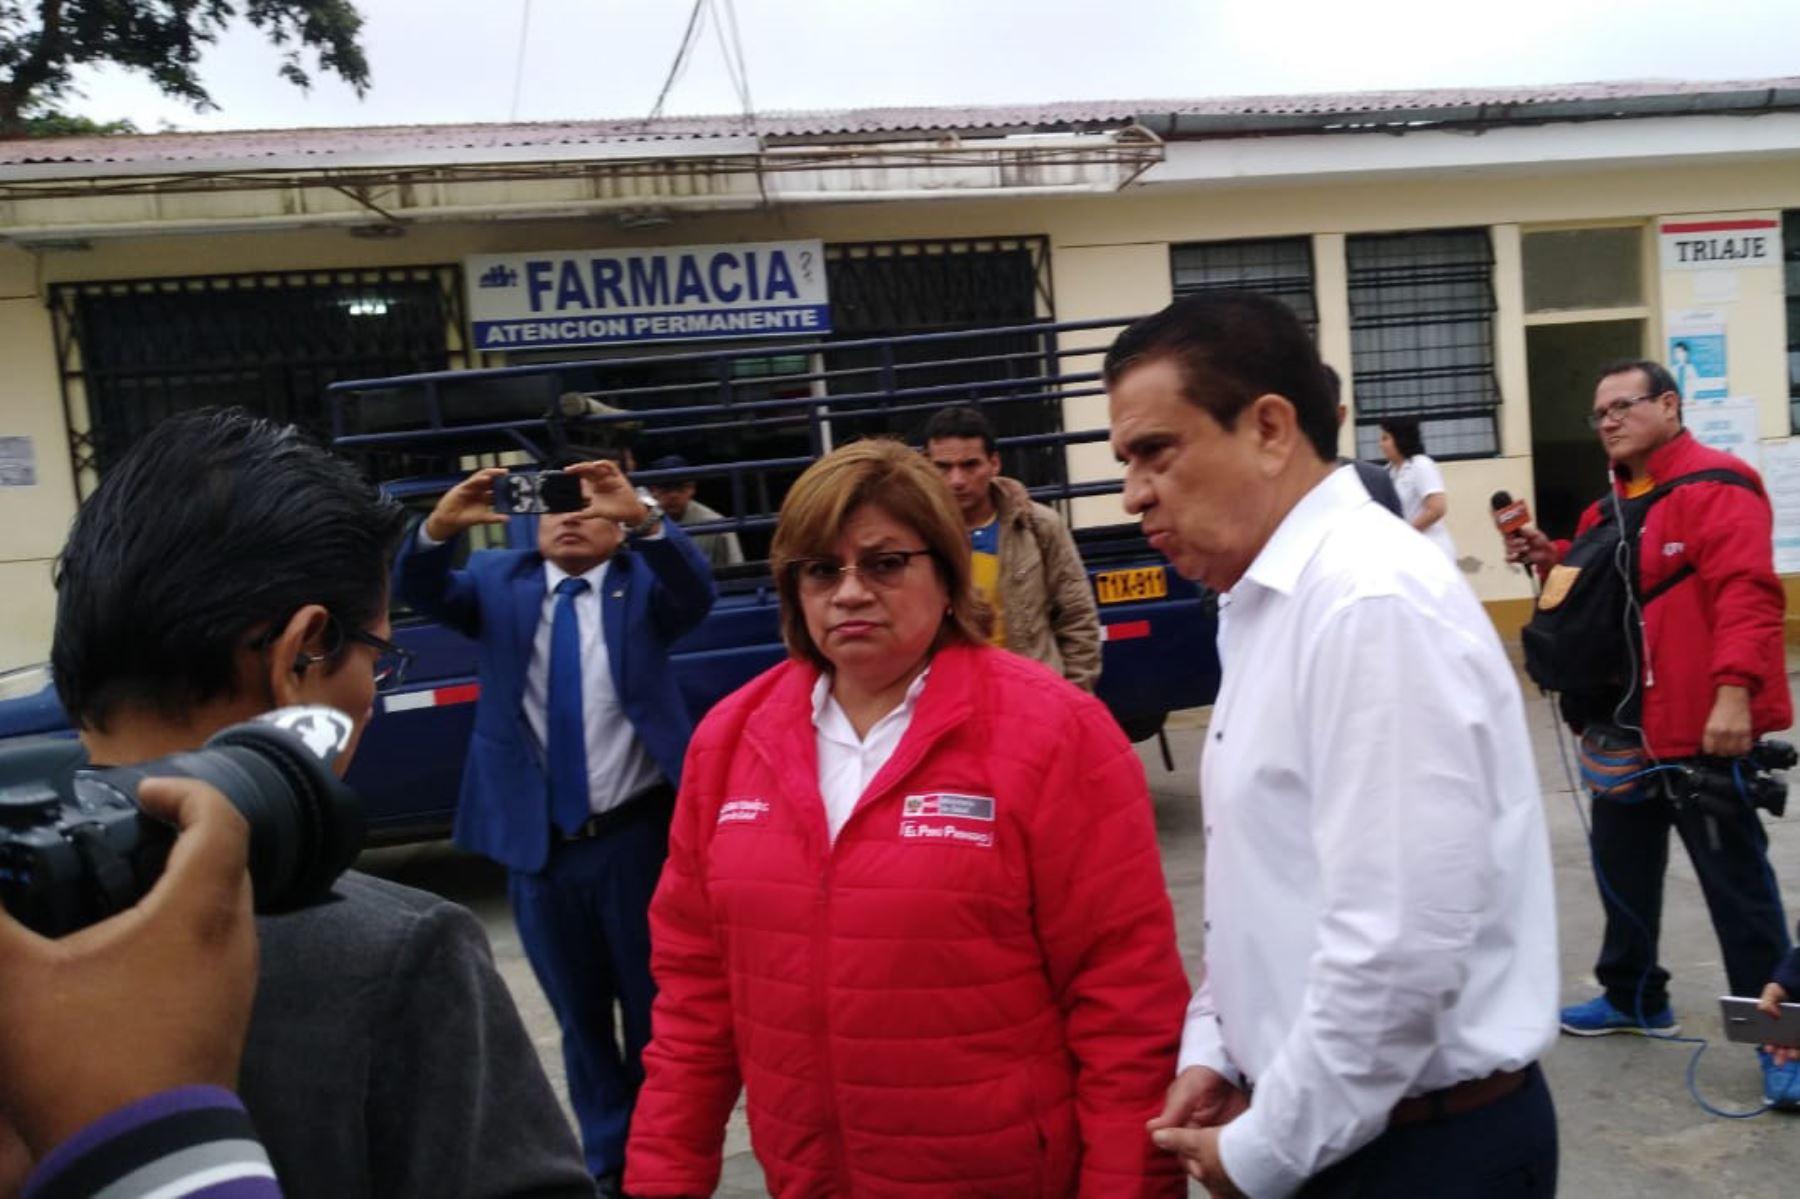 Ministra de Salud, Zulema Tomás, visita hospitales de Trujillo y entrega medicamentos para reforzar lucha contra el síndrome Guillain Barré. ANDINA/Luis Puell